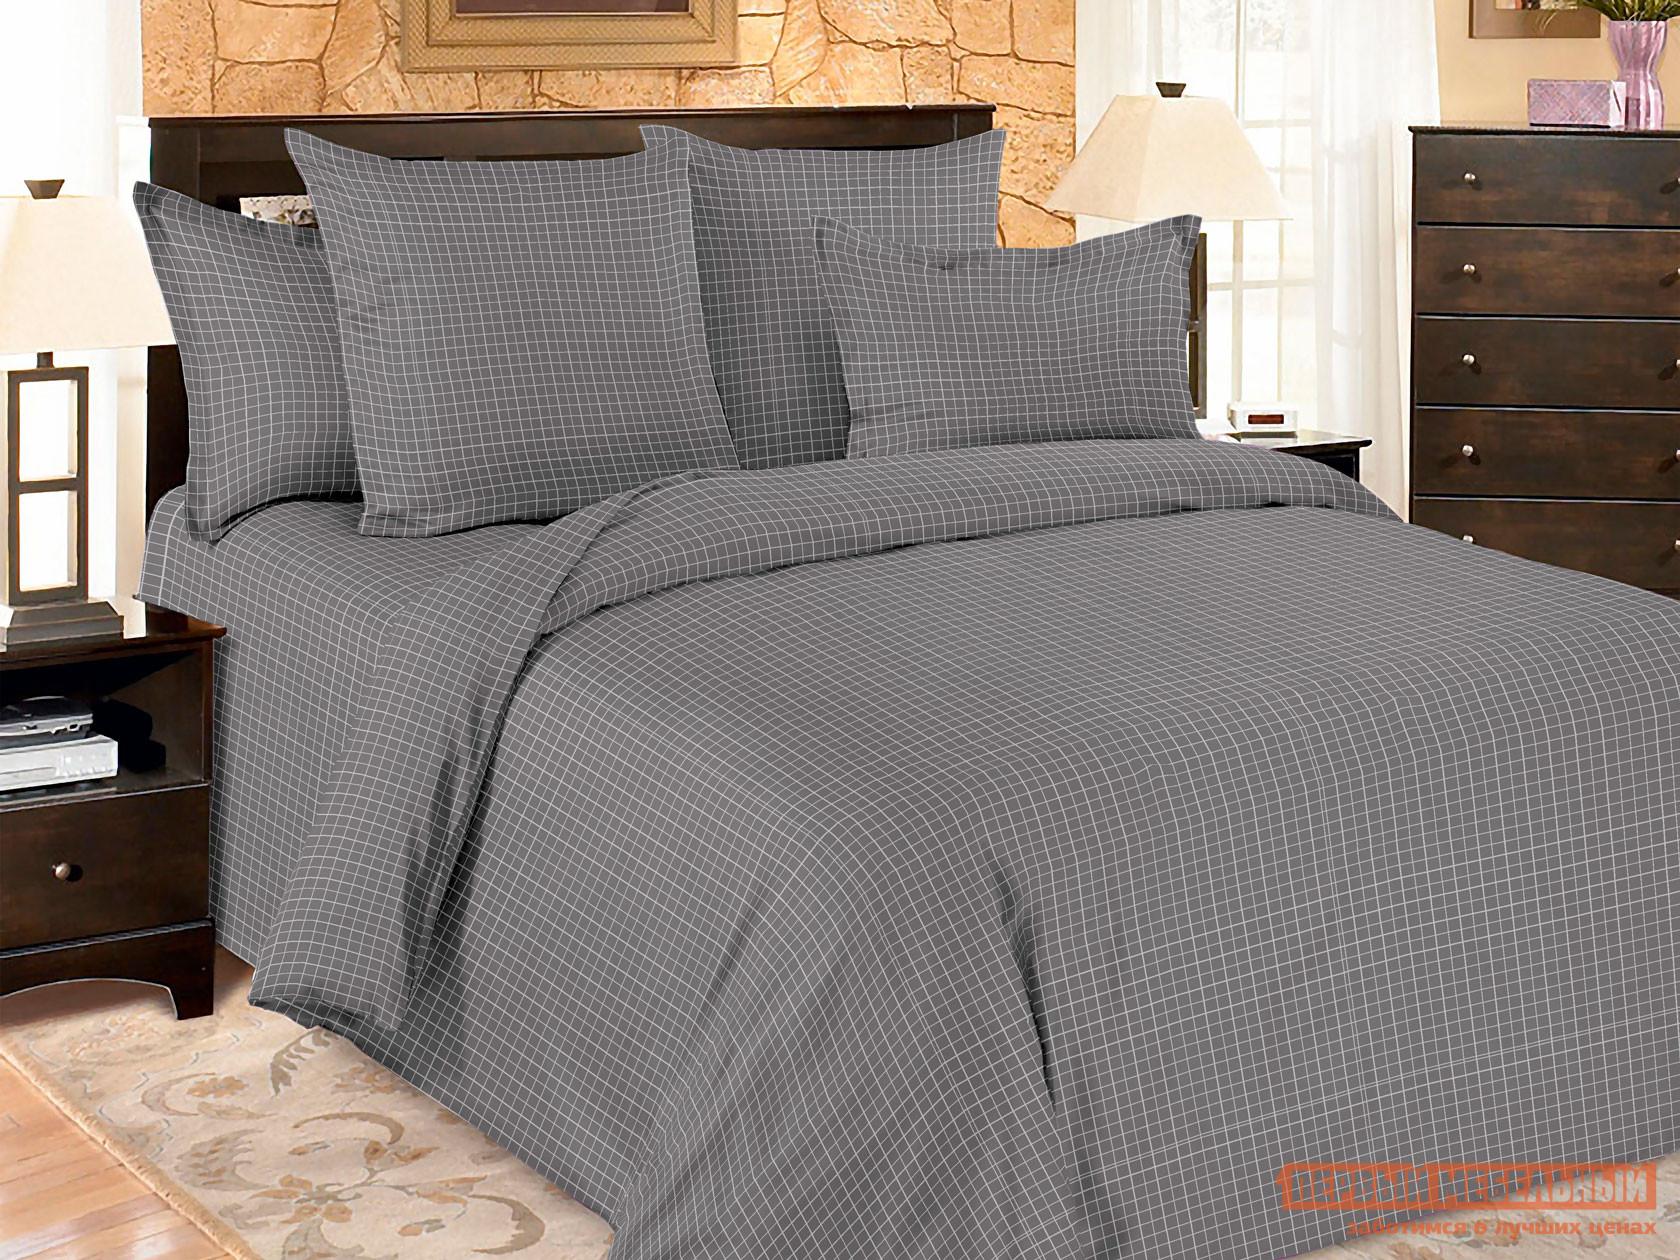 Комплект постельного белья  КПБ Amore Mio BZ Cappuccino Капучино, микрофибра, Полутороспальный